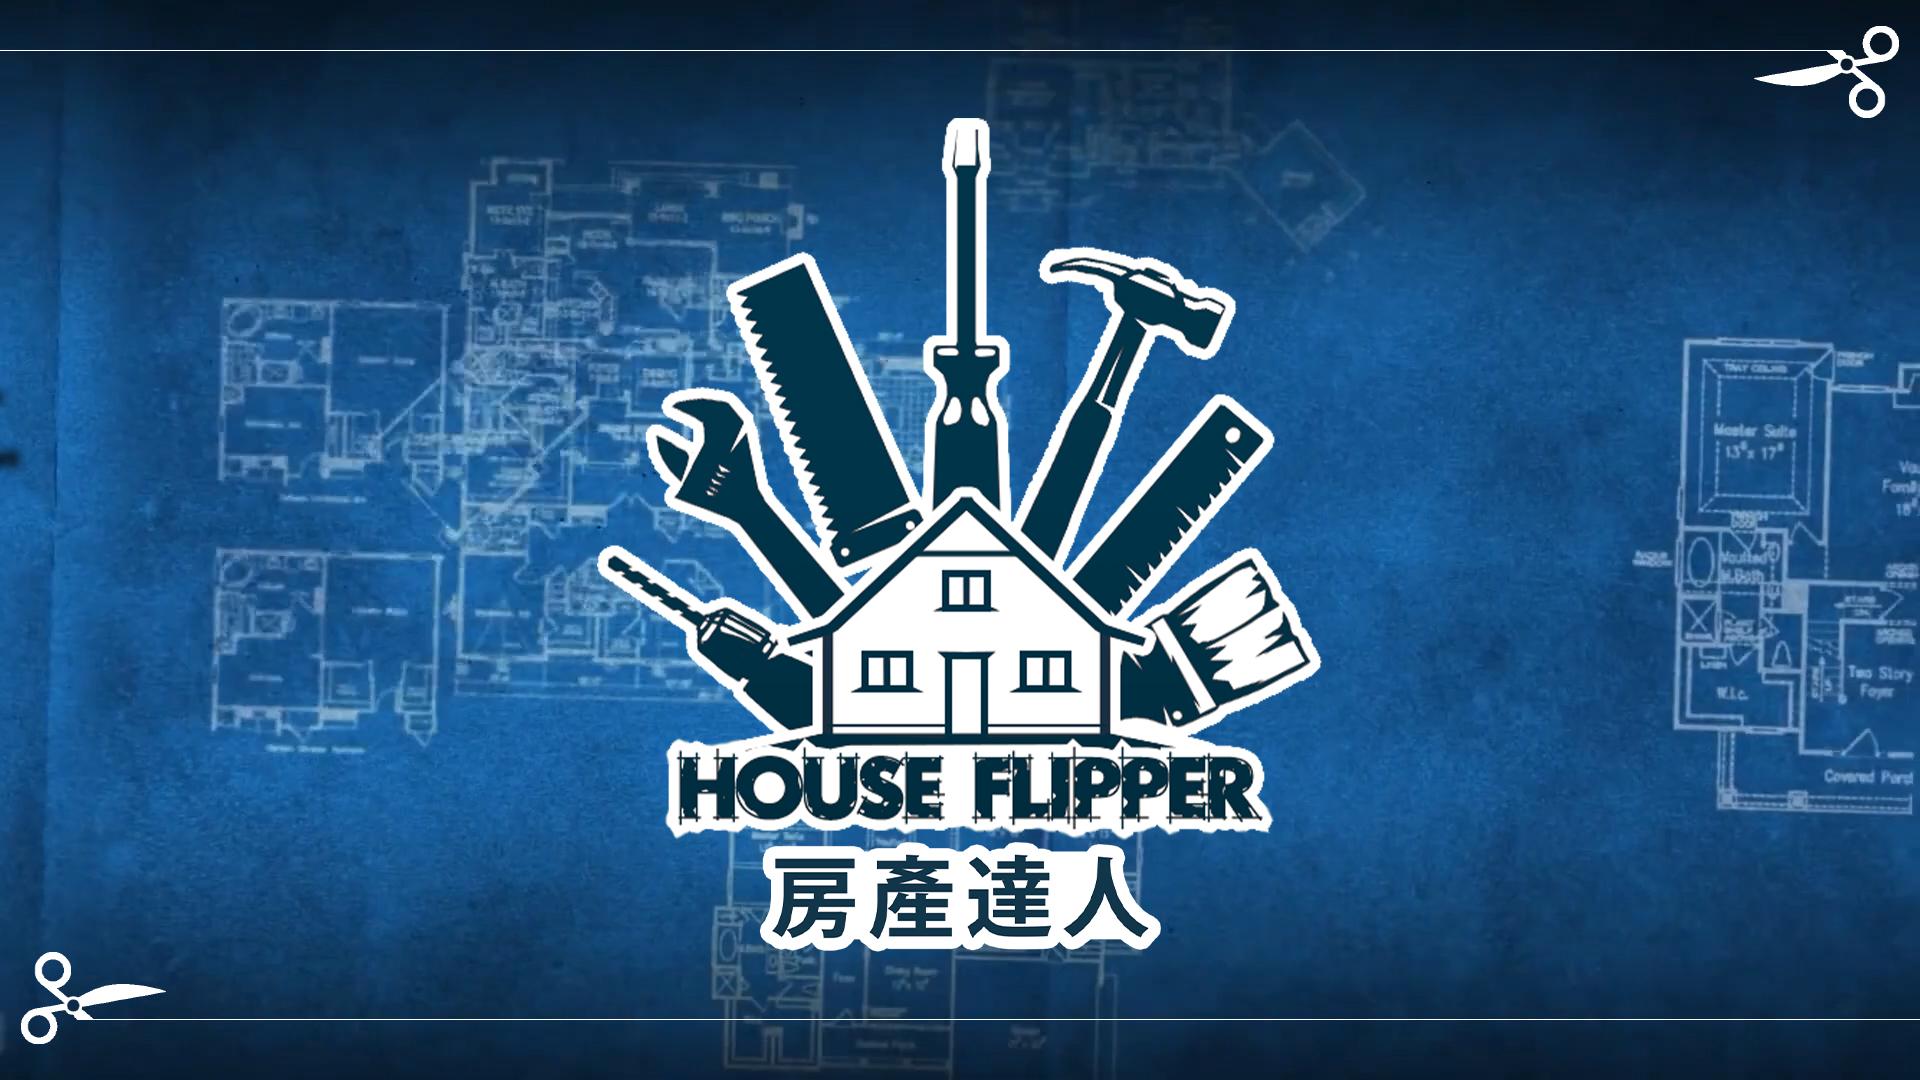 《房产达人(House Flipper)》中文版7月17日登陆三大主机平台